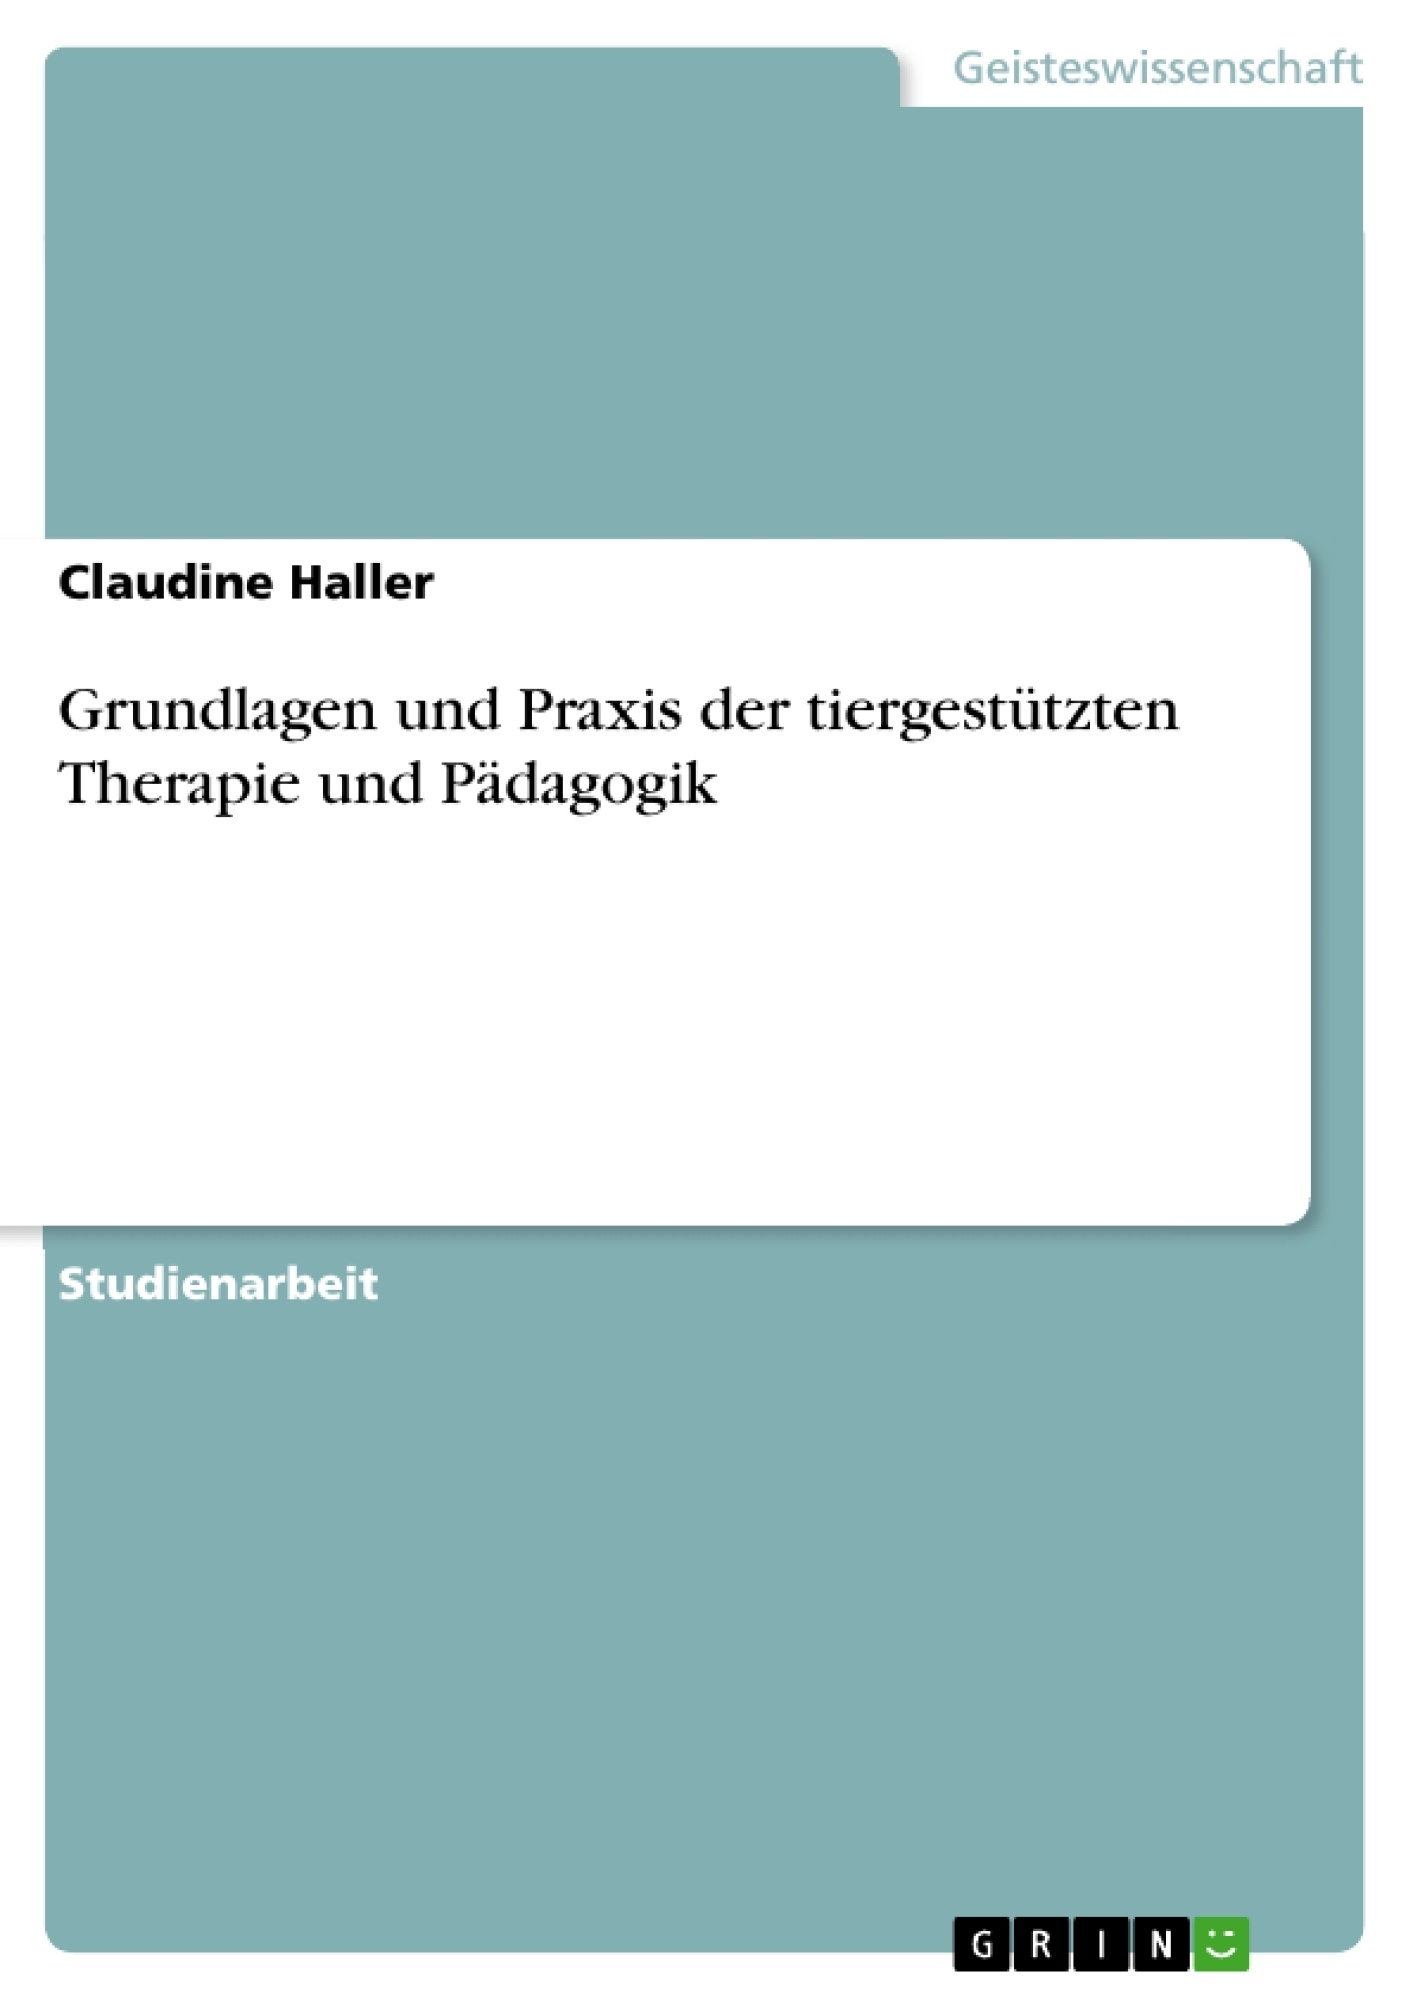 Titel: Grundlagen und Praxis der tiergestützten Therapie und Pädagogik